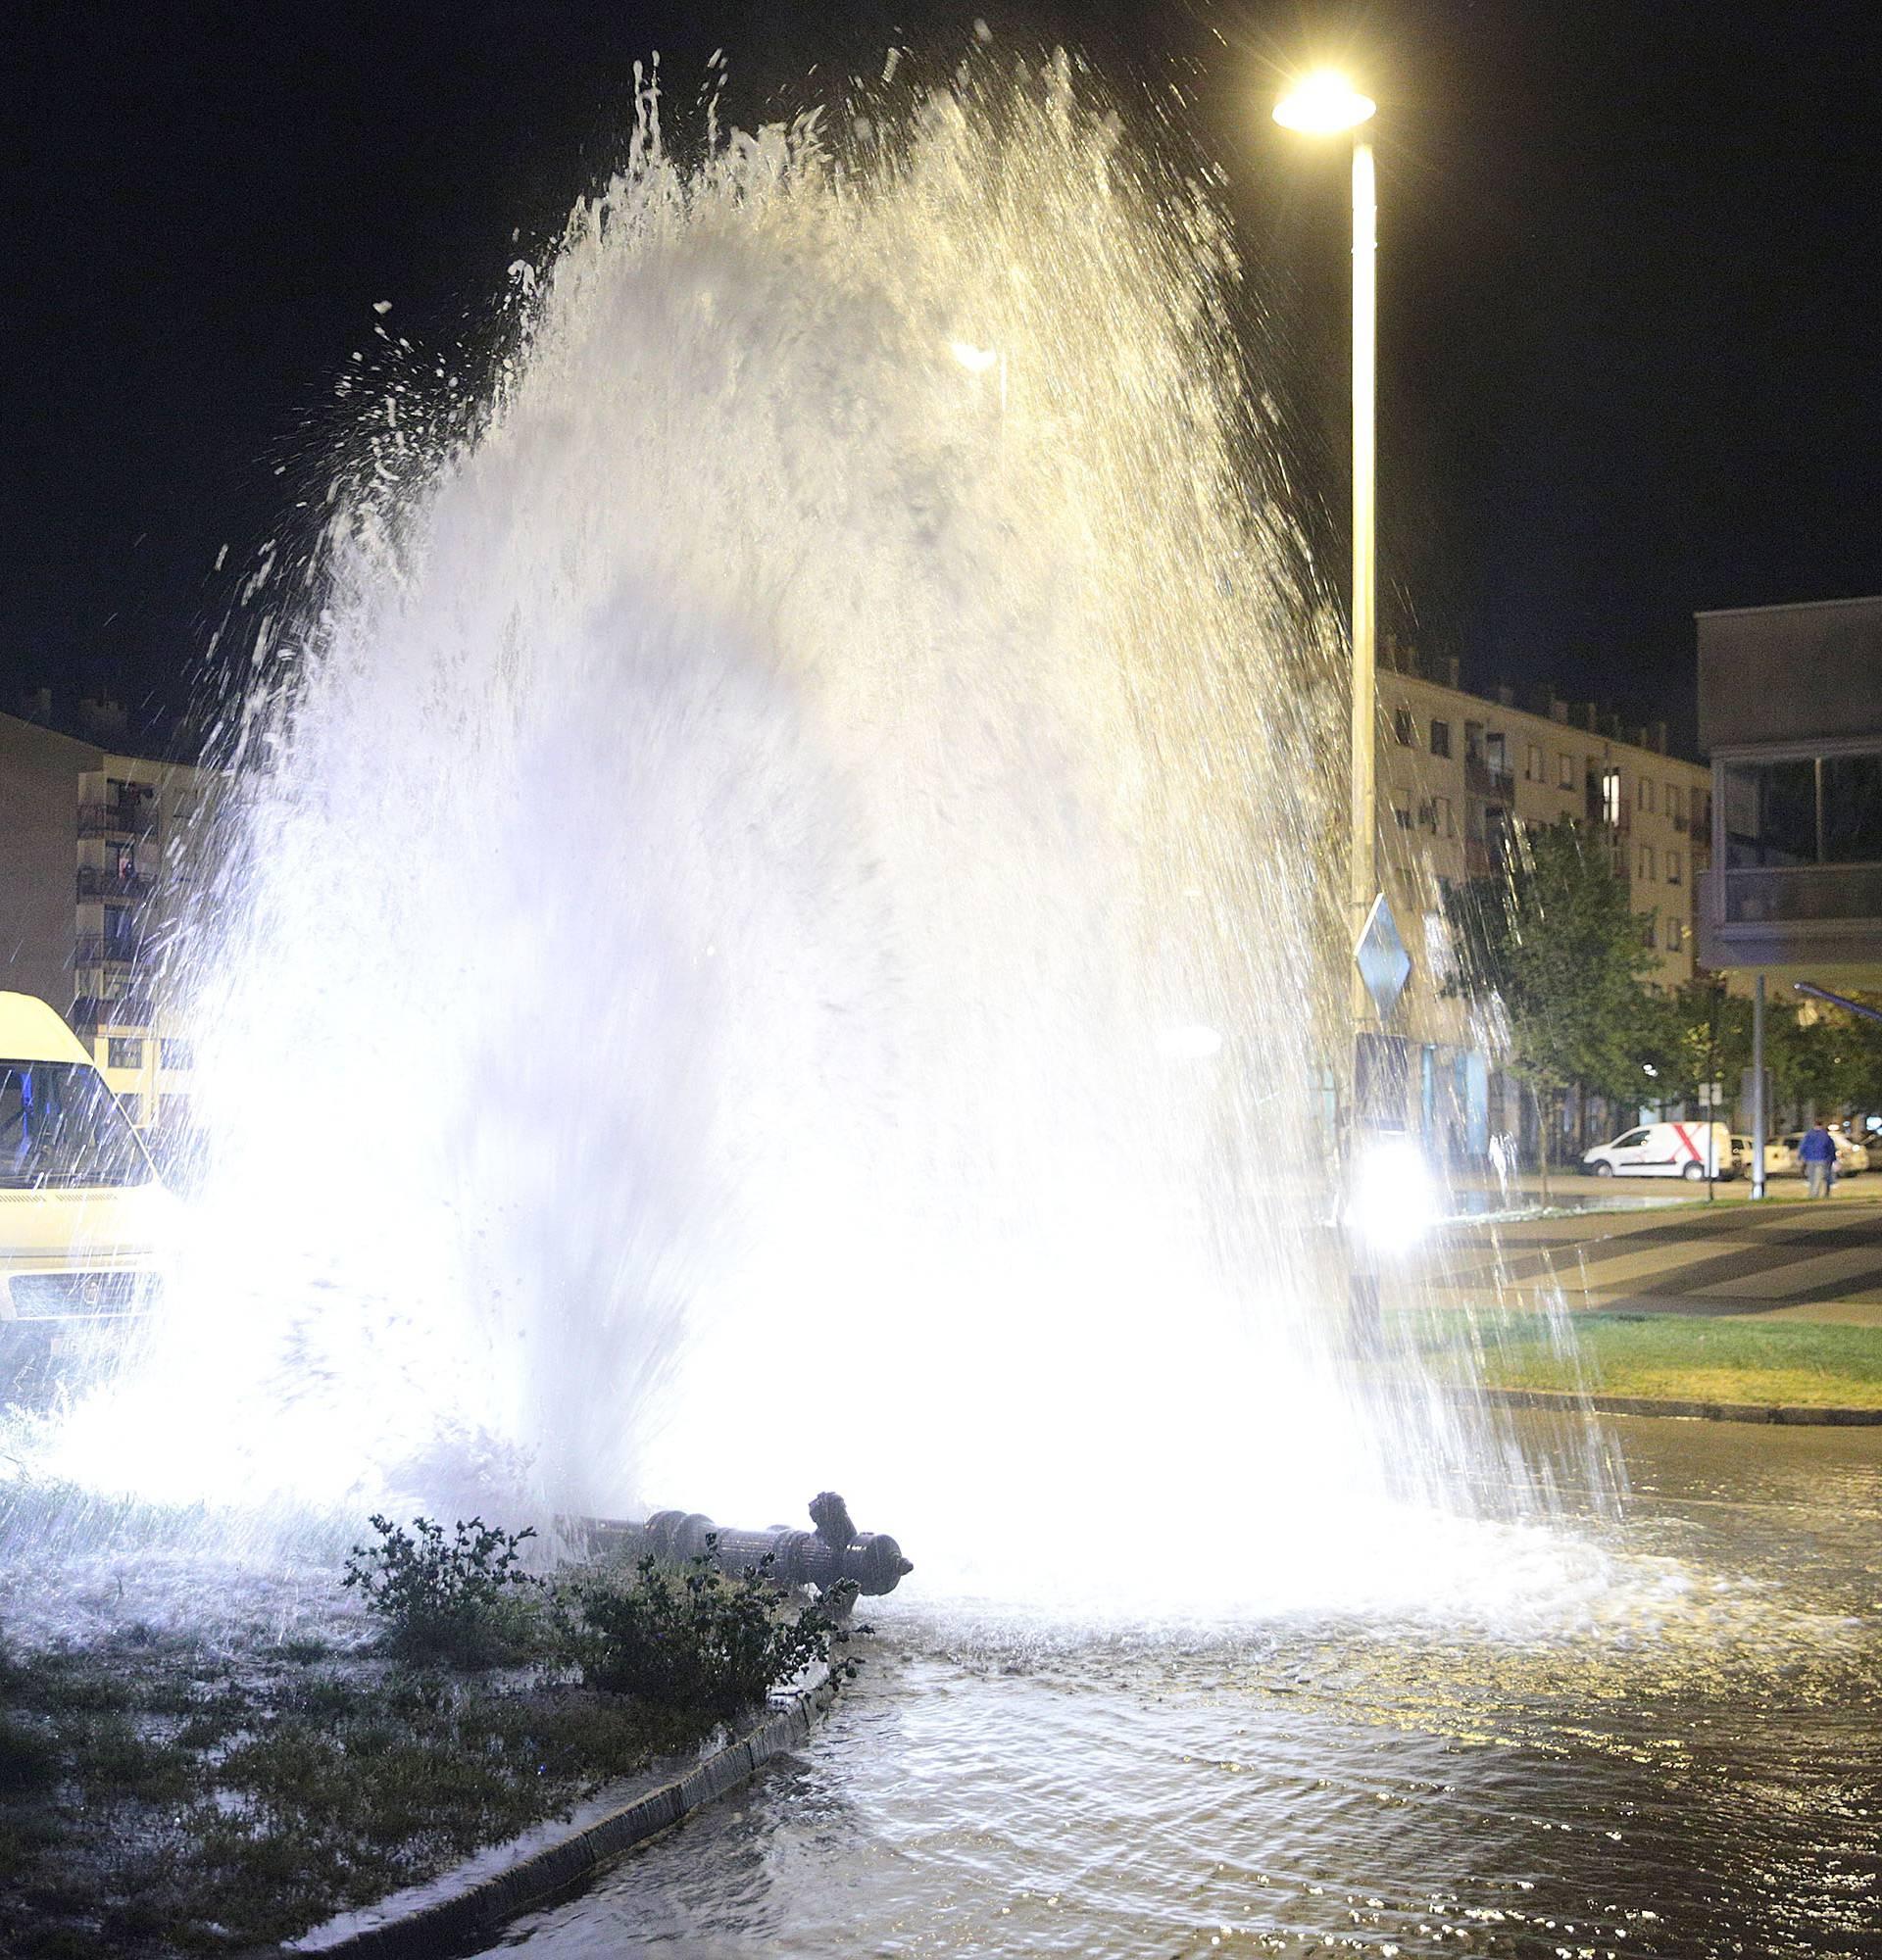 Auti 'plivali' po Poljanicama: Zabio se u hidrant i pobjegao